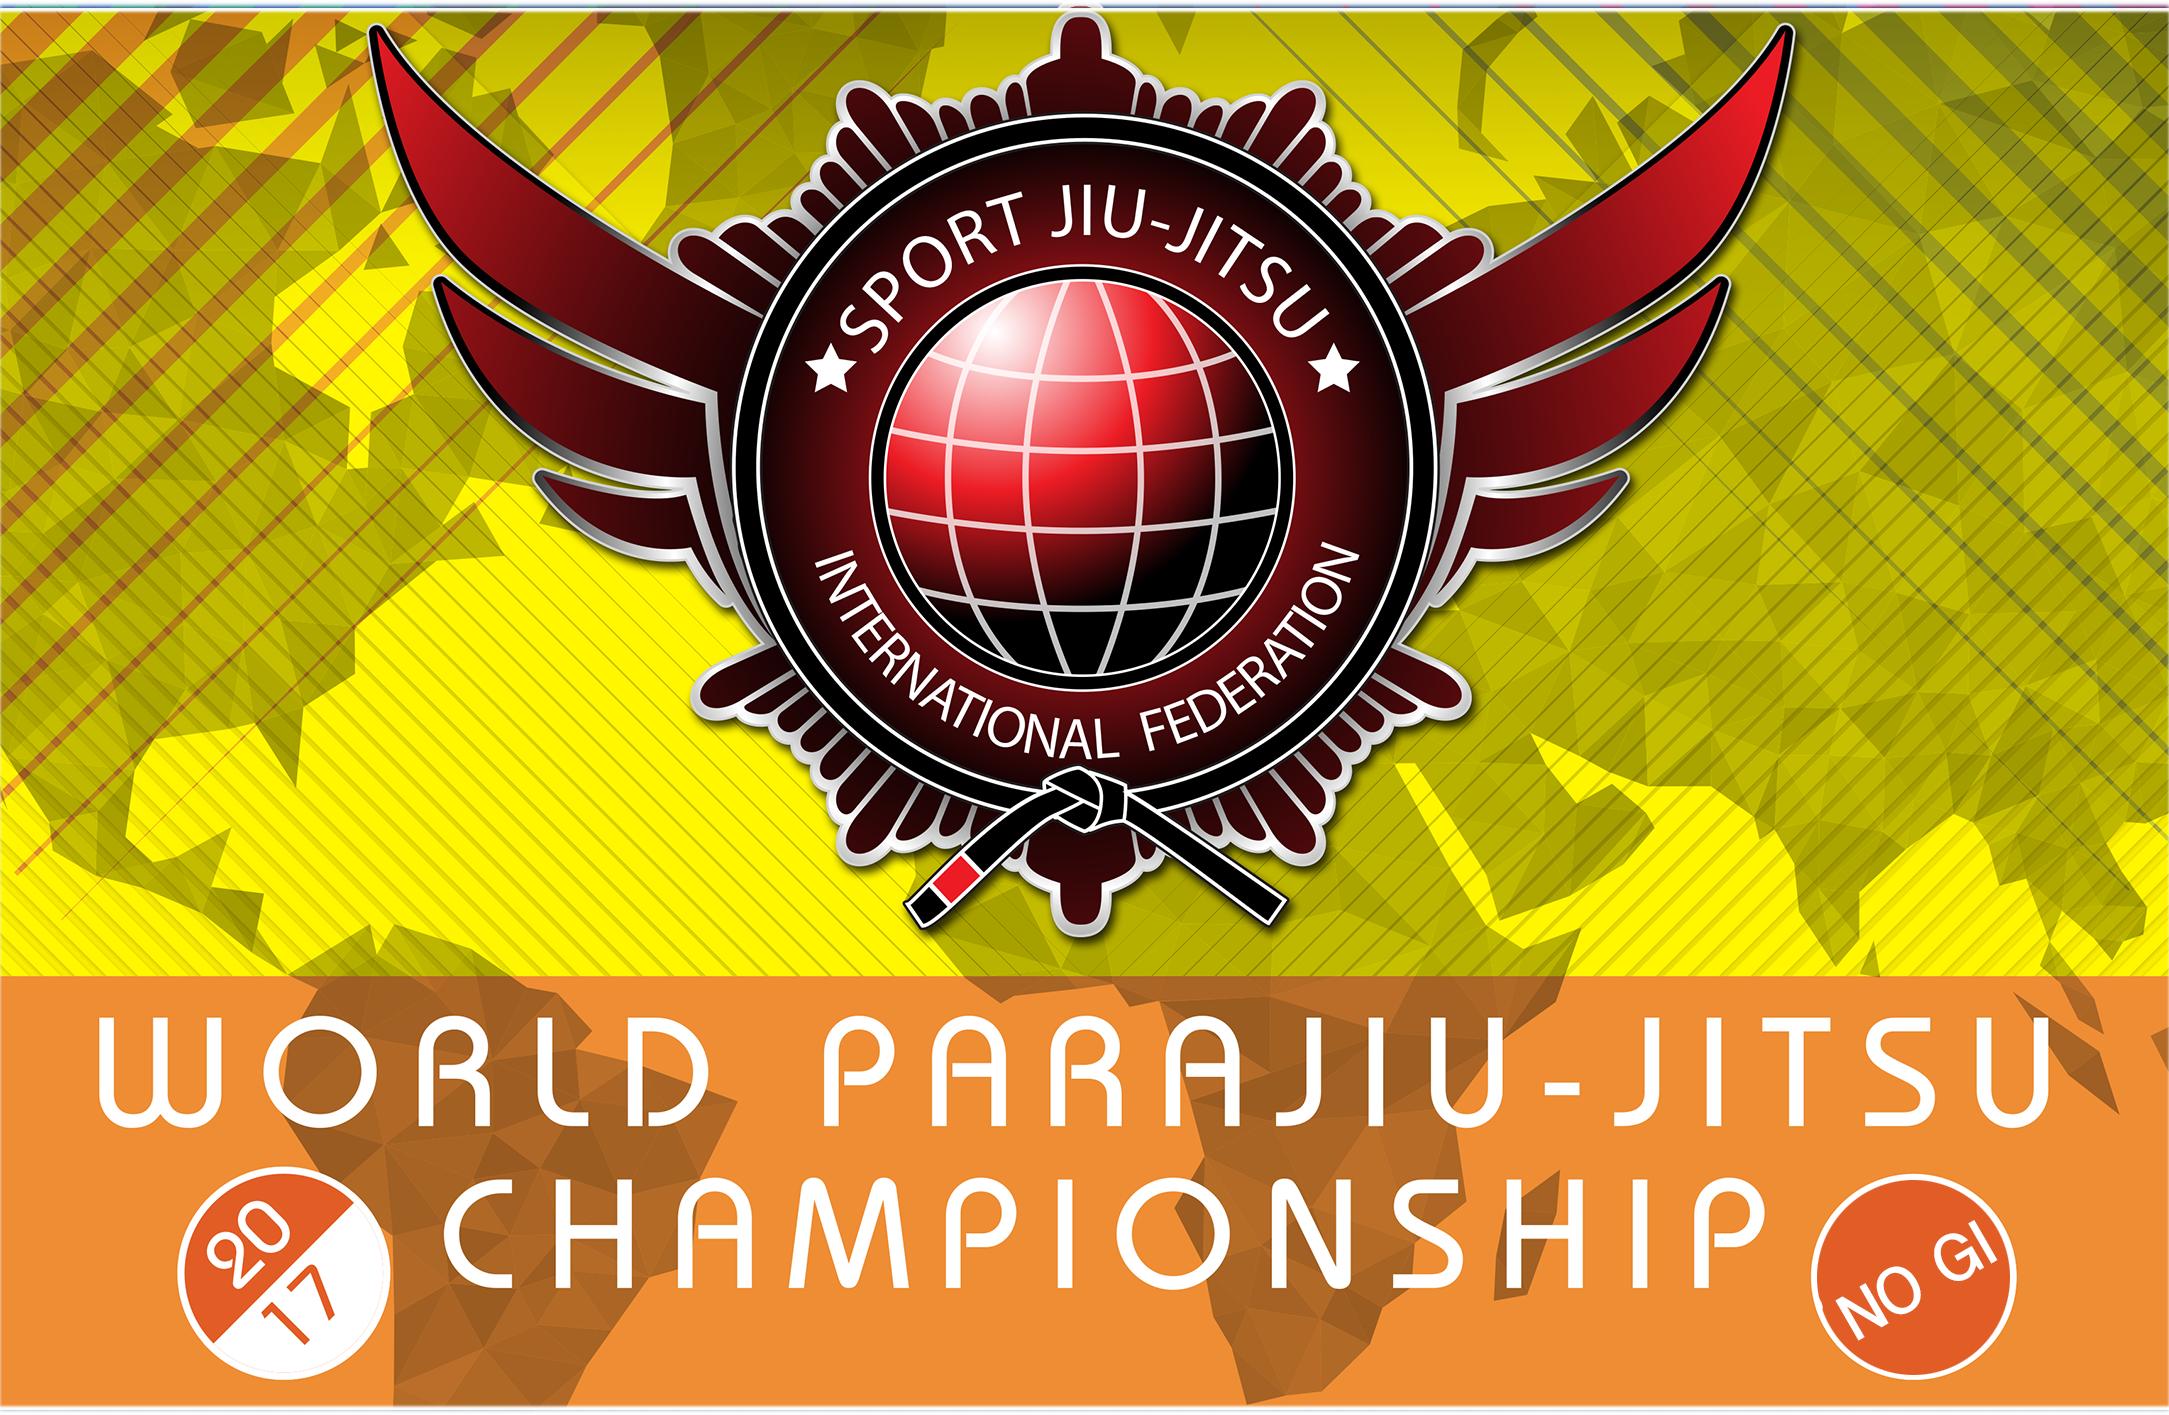 world parajiu-jitsu championship nogi